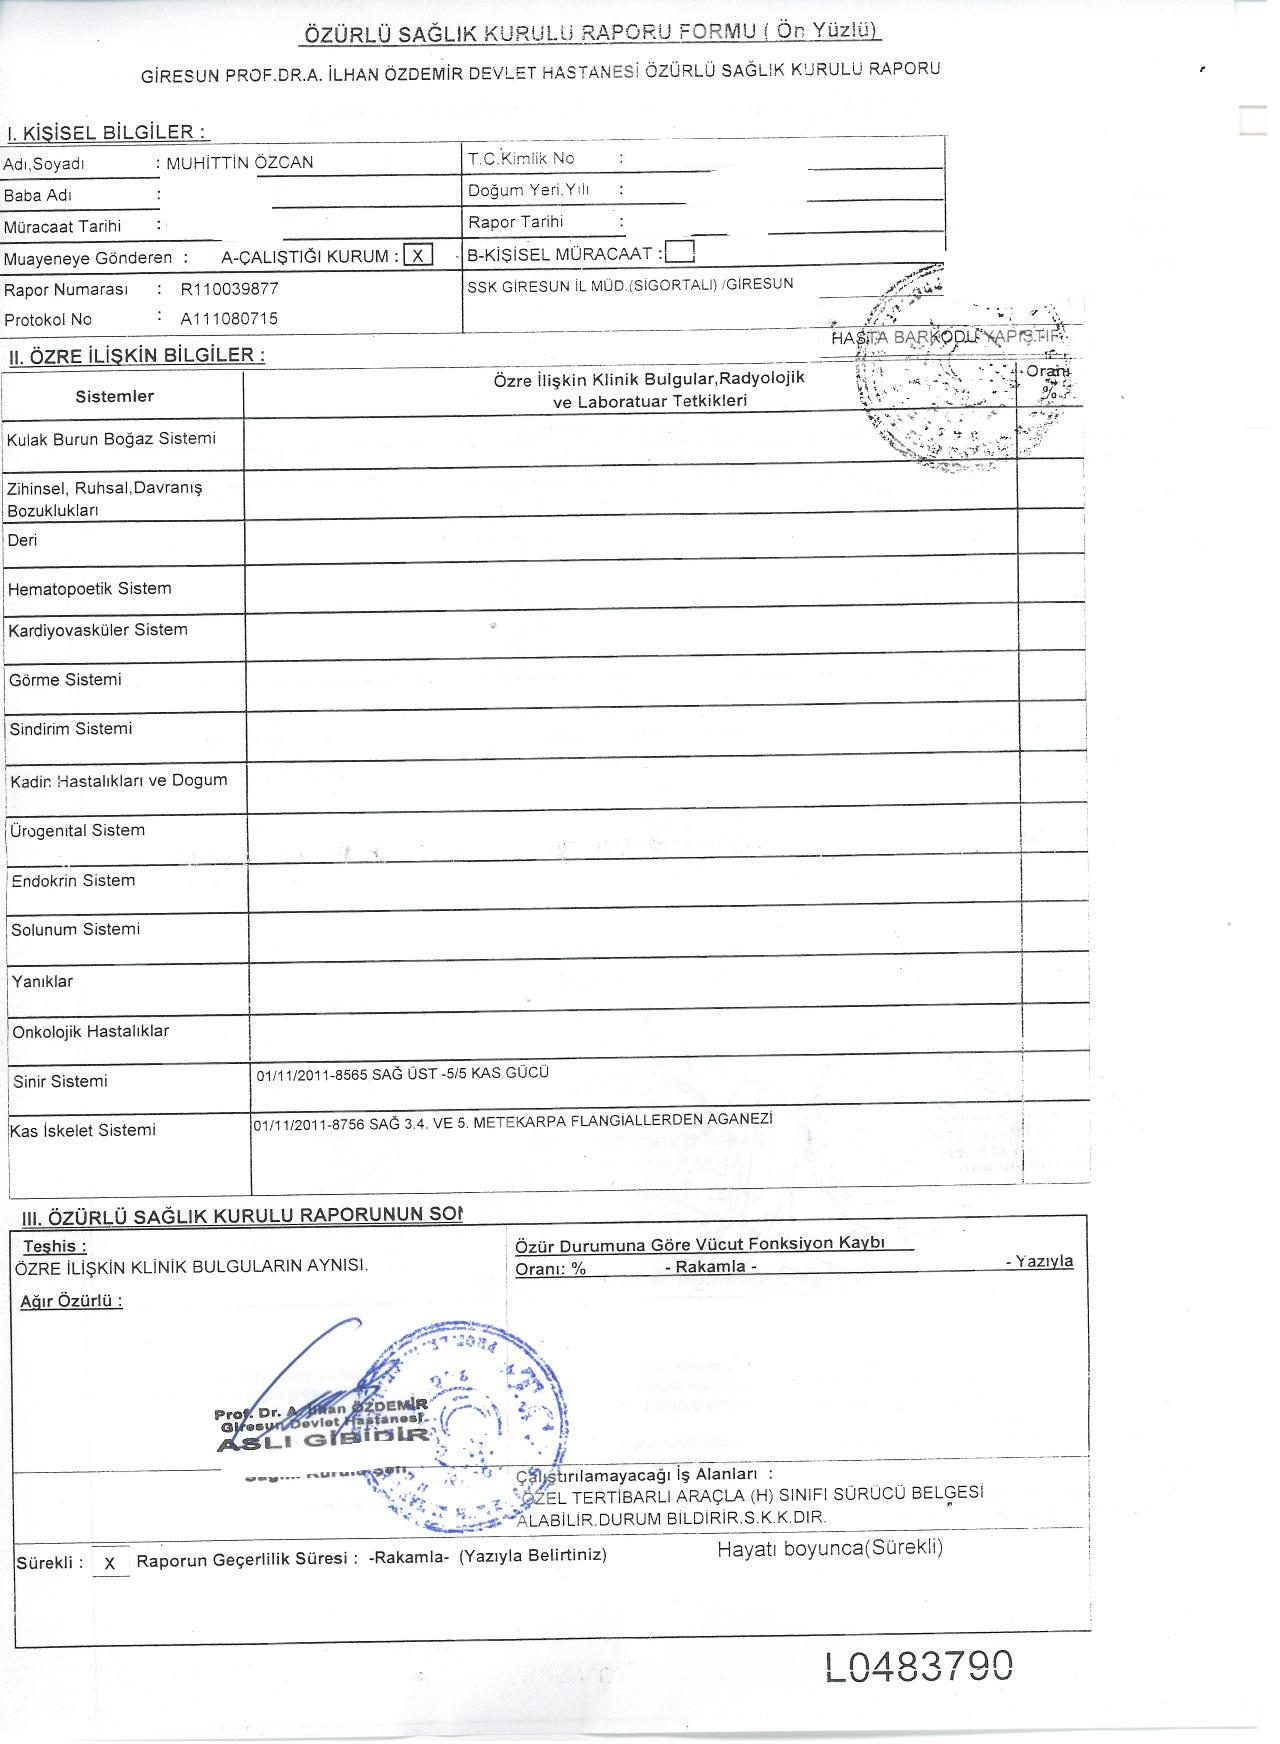 sag kol ehliyet raporu3 - Koldan-Elden (üst ekstremiteden) sakatlığı bulunup sürücü belgesi ve araç için rapor?